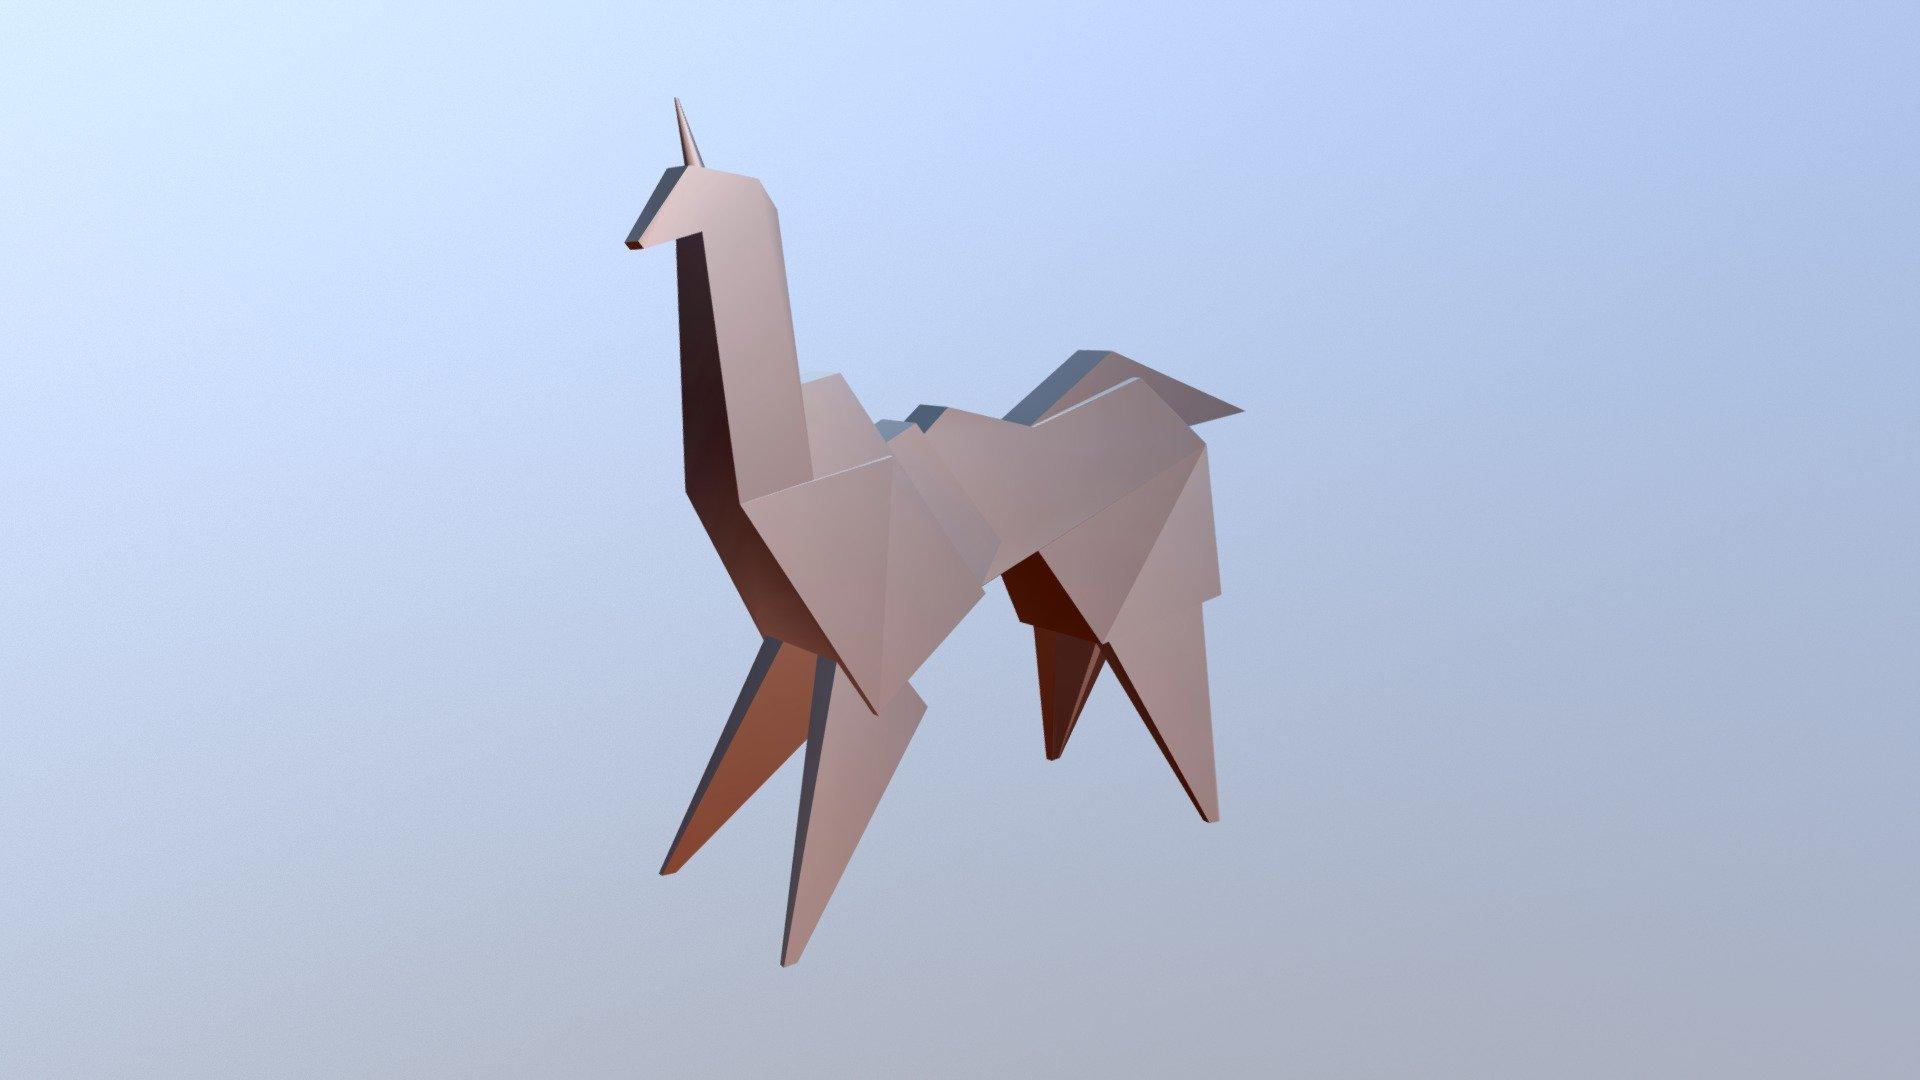 Blade Runner Horse & Unicorn